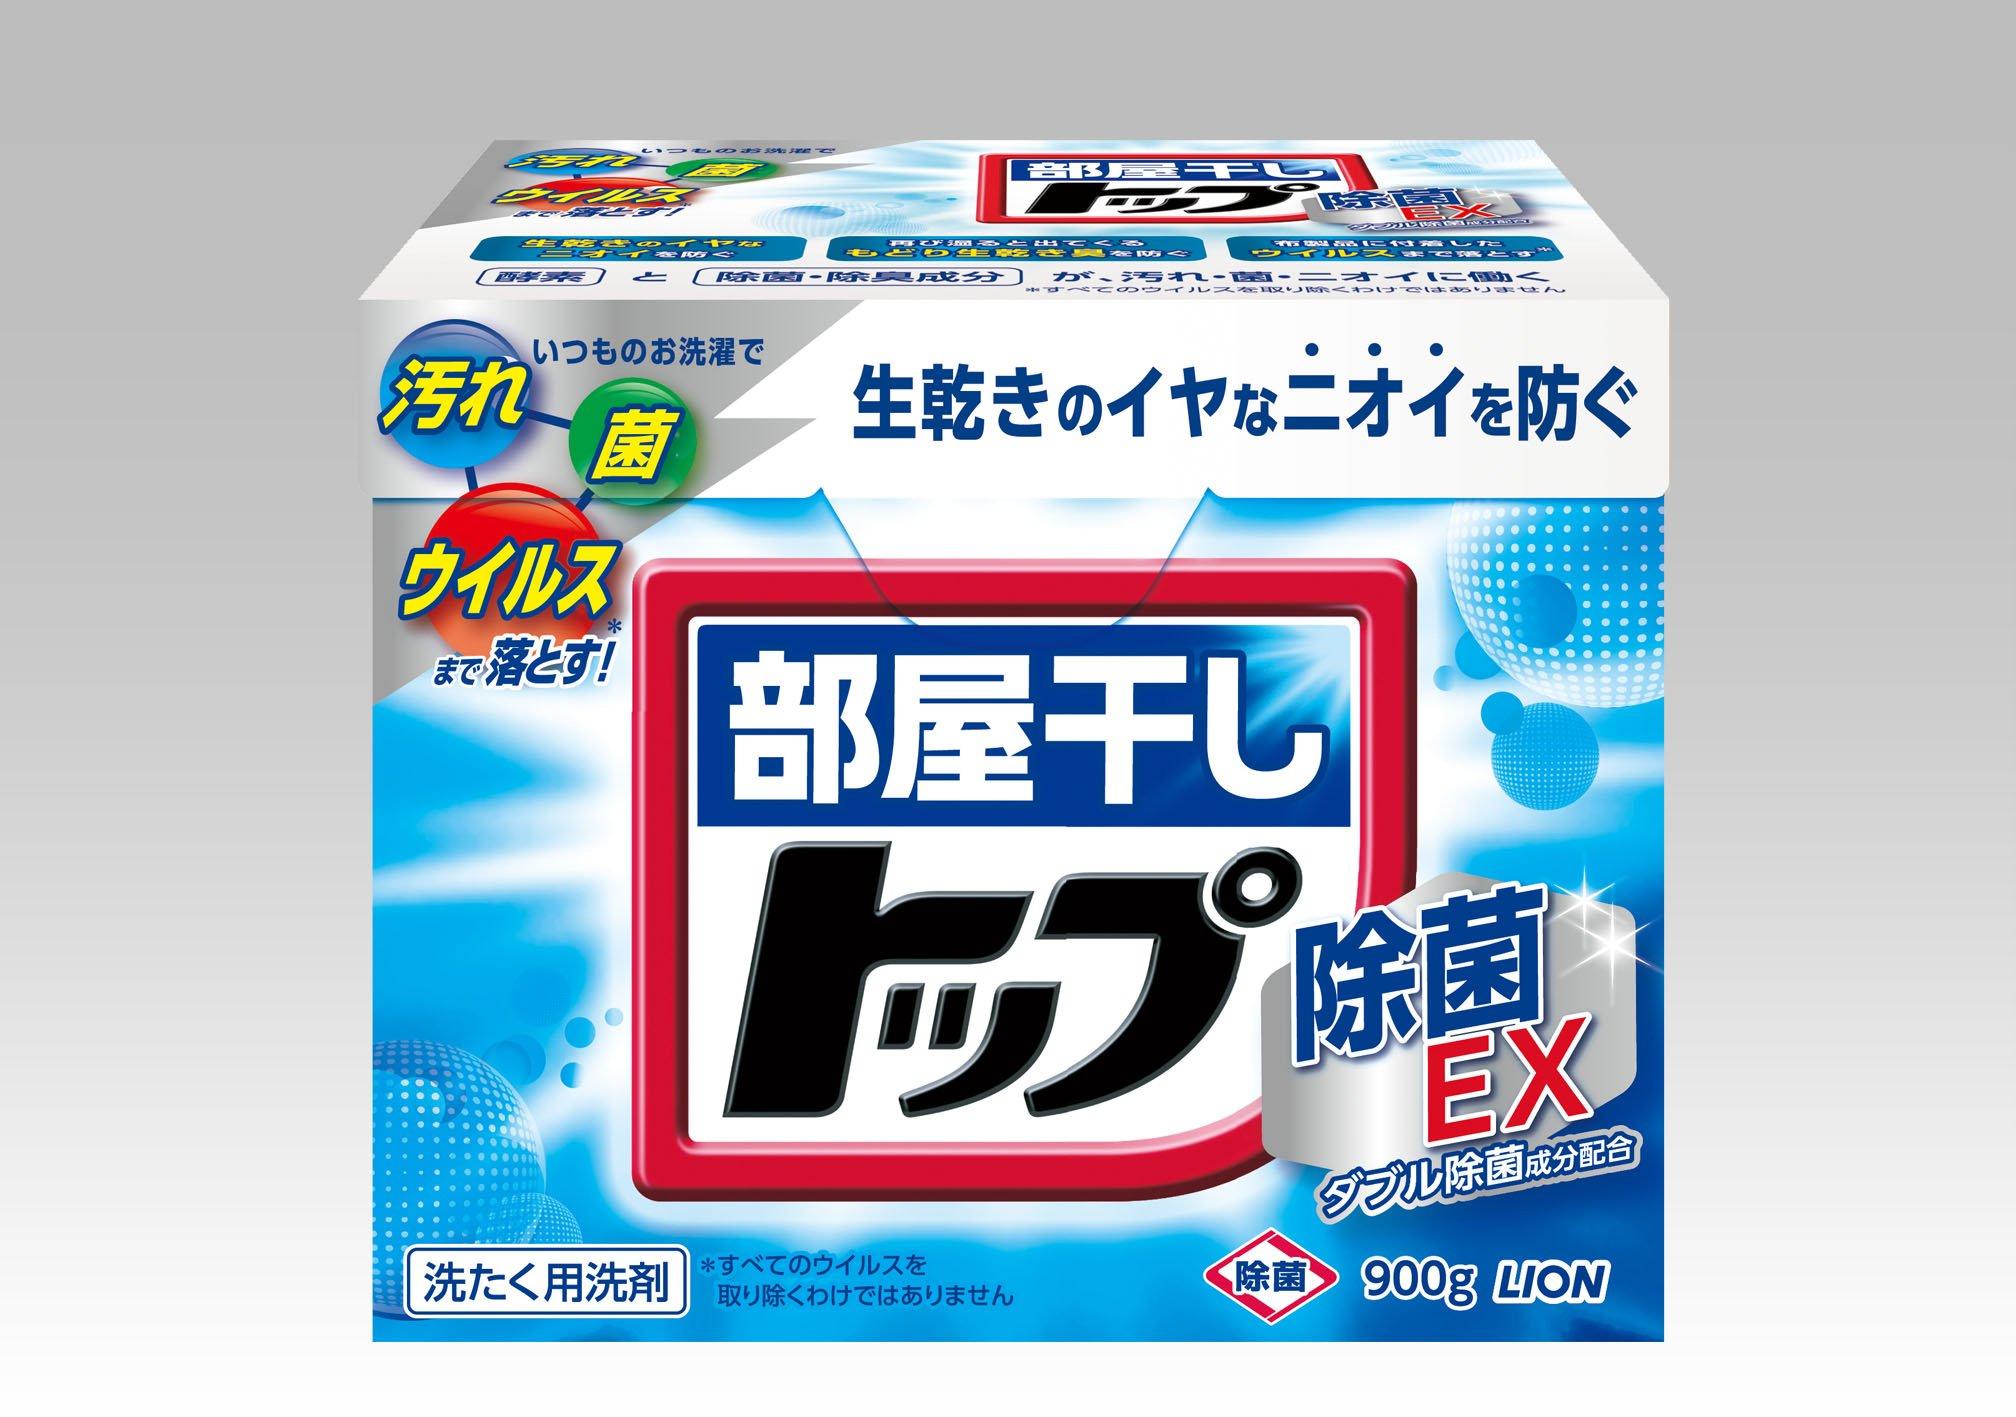 部屋干しトップ 洗濯洗剤에 대한 이미지 검색결과